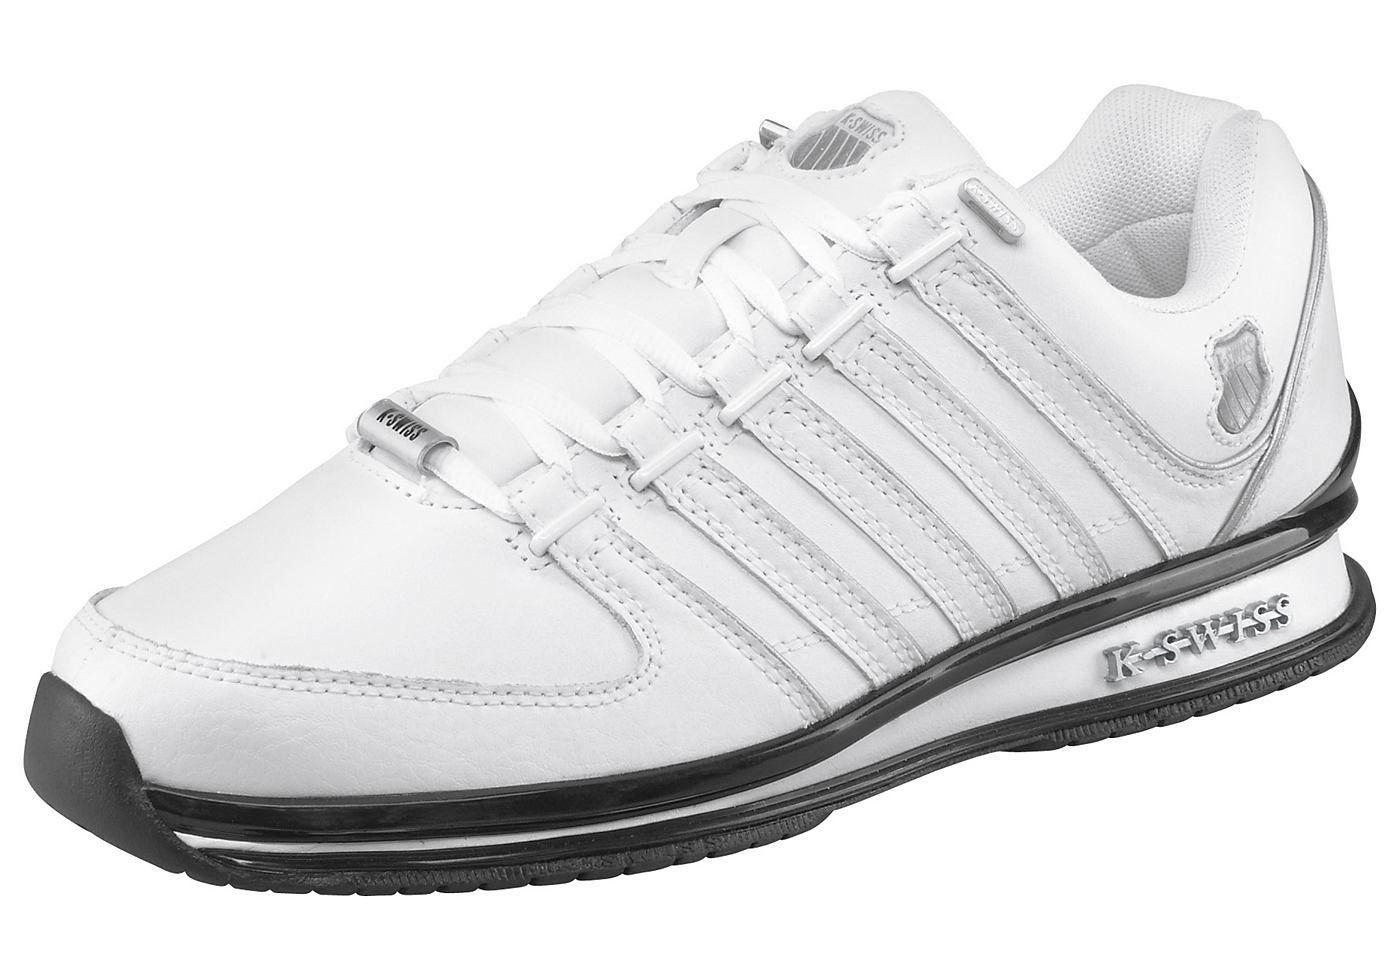 reputable site d80d2 bd963 K-Swiss »Rinzler SP« Sneaker | Produktkatalog | Schuhe ...